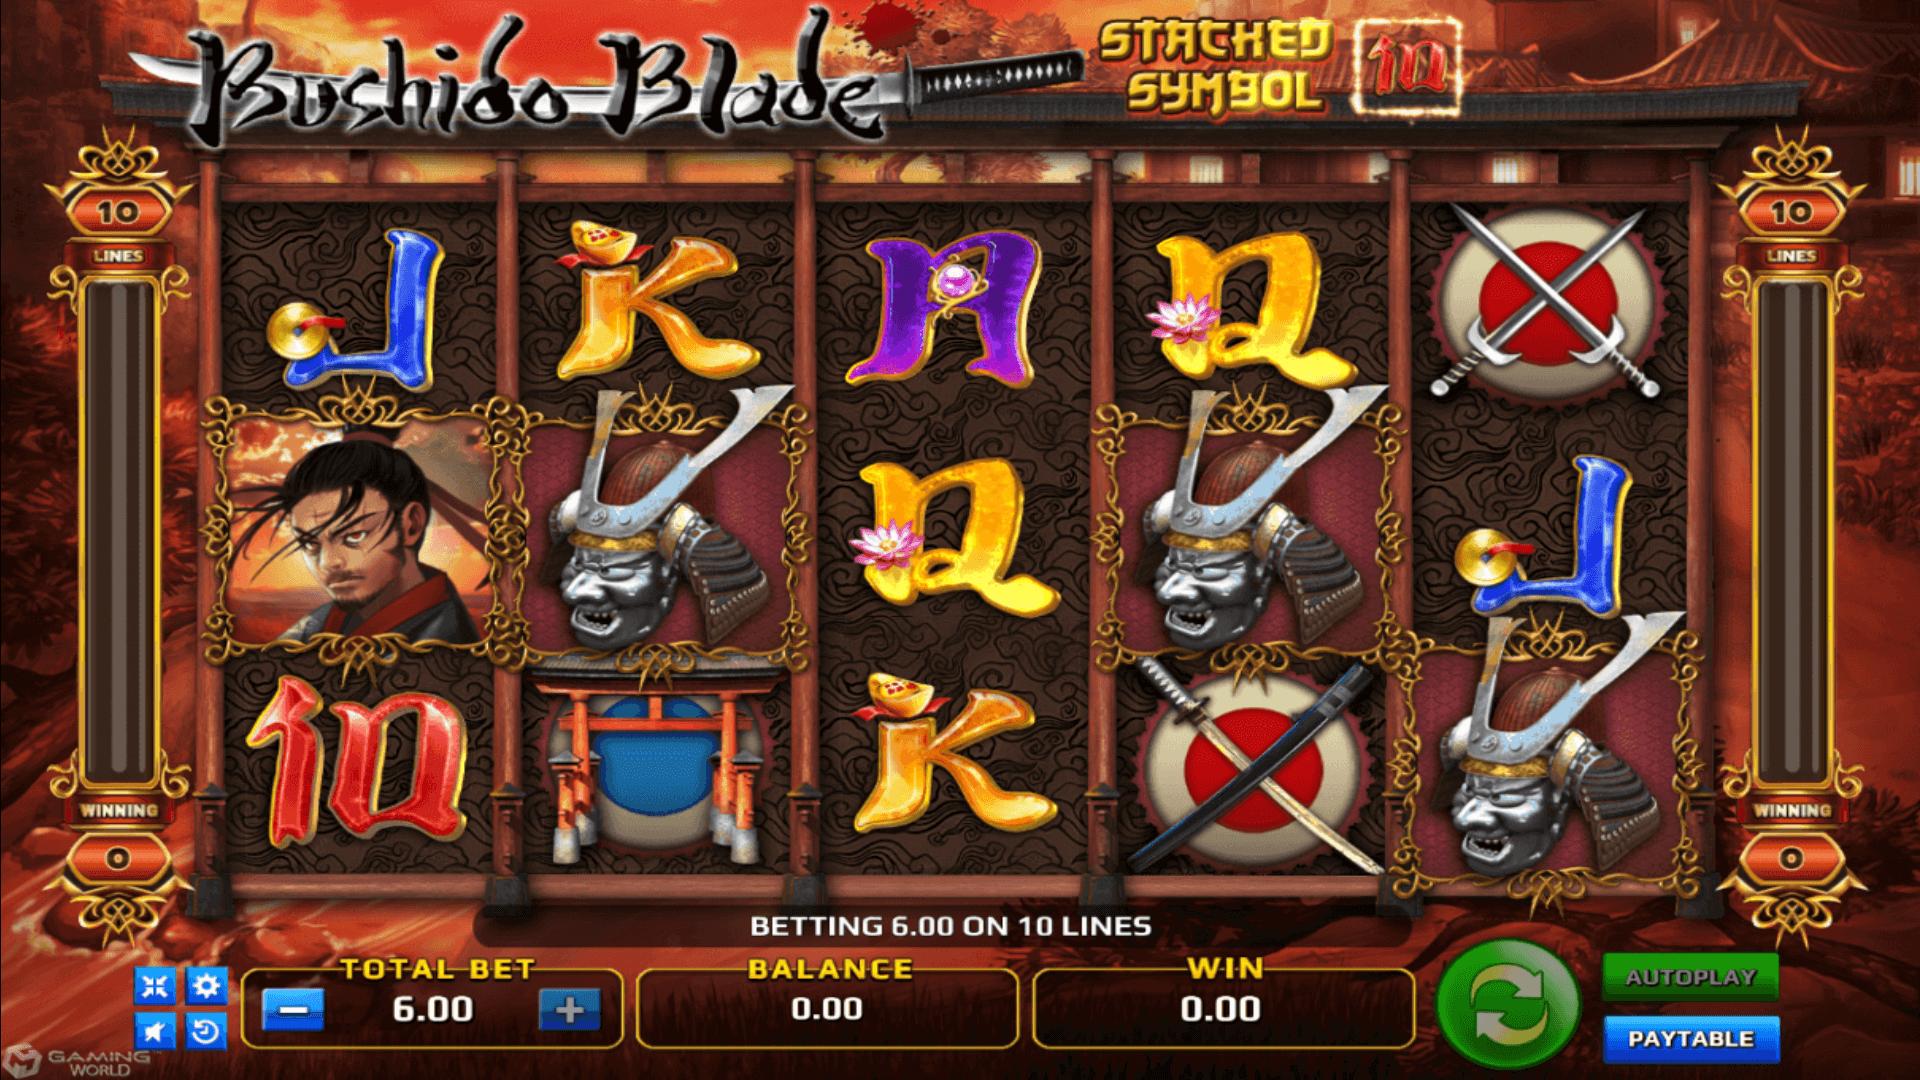 รีวิวเกมสล็อต Bushido blade